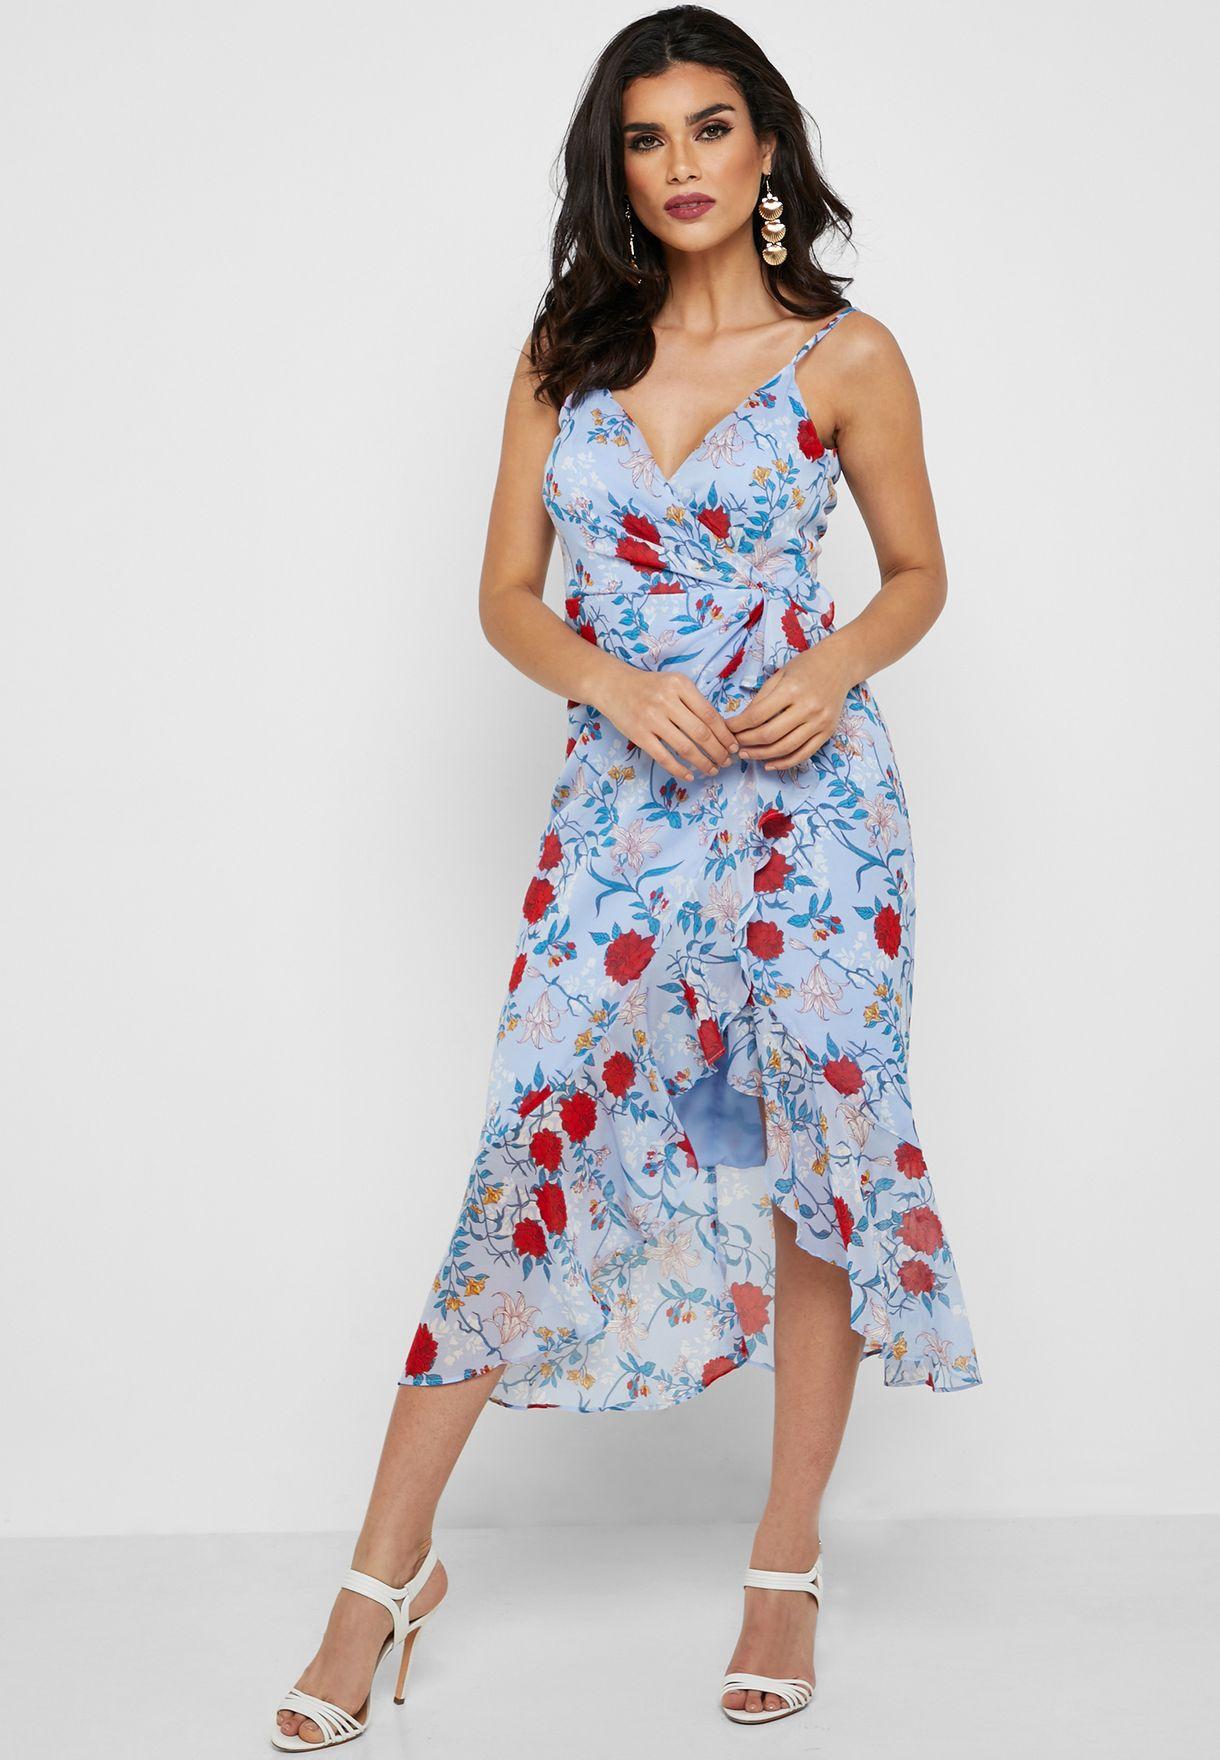 فستان ميدي بطبعات ازهار وحمالات كتف